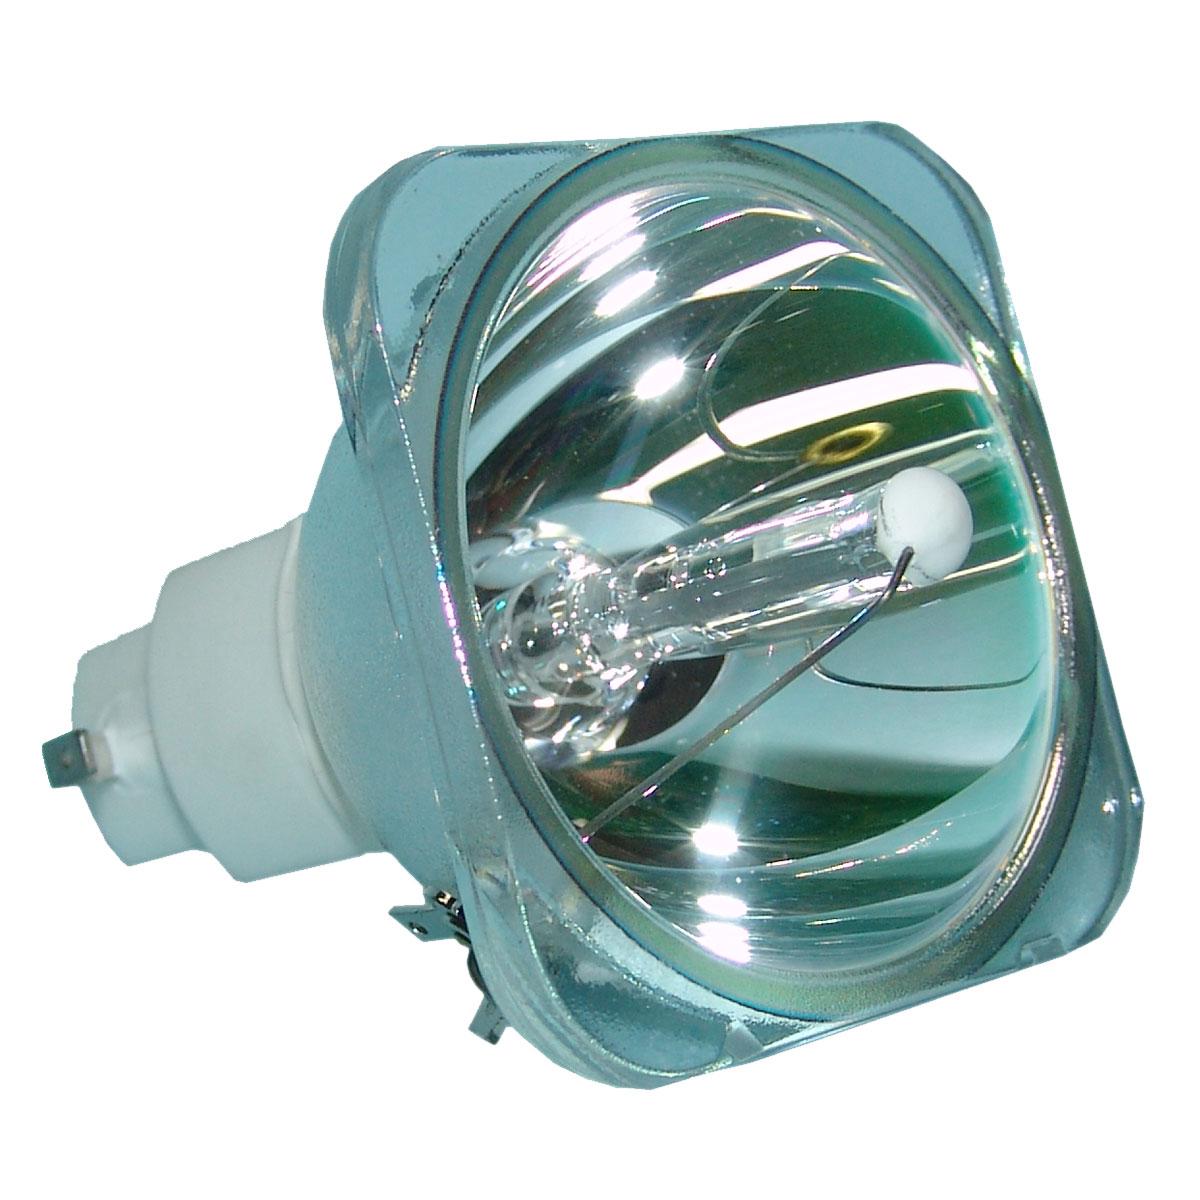 Lutema Platinum lampe pour Christie WU7K-M Projecteur (ampoule Philips originale) - image 4 de 5